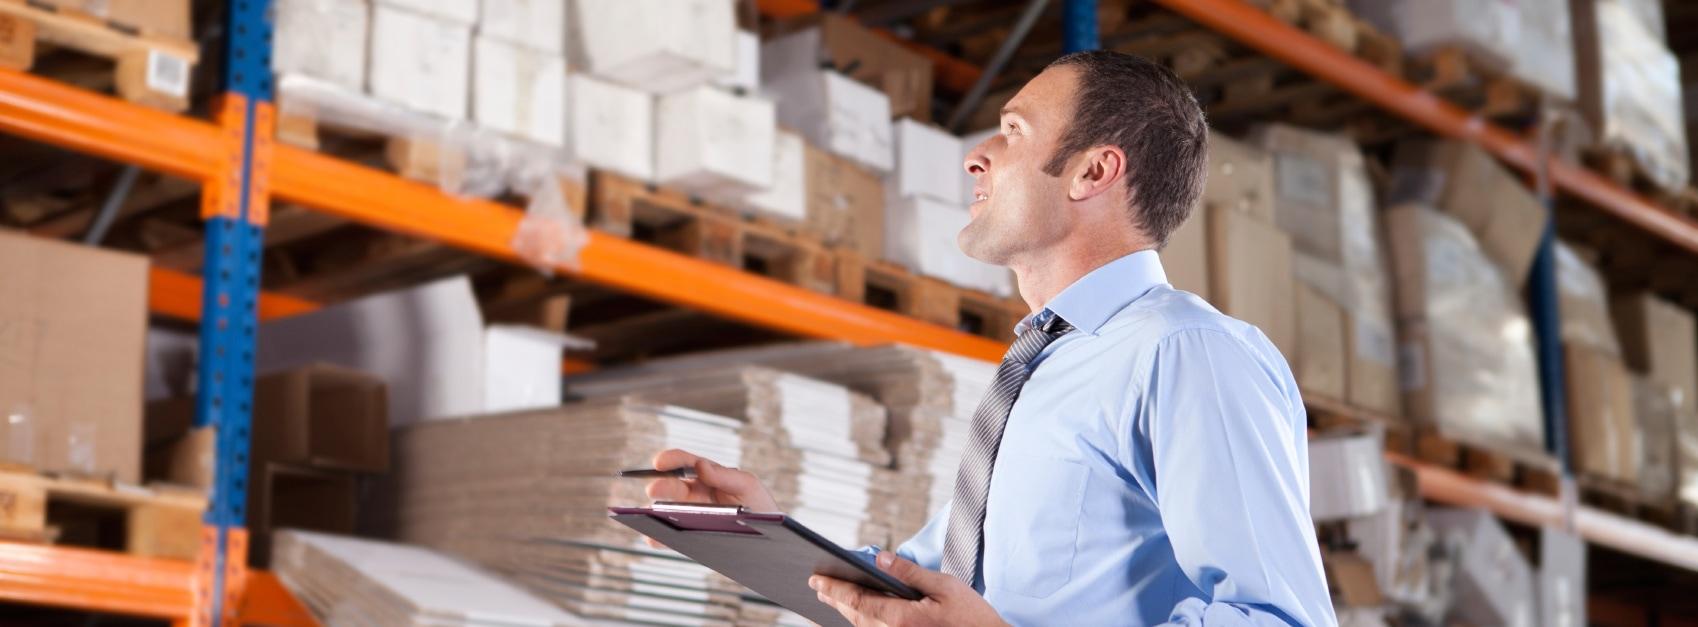 Prozessmanagement für Handel und Logistik - Mann zählt Bestand im Lager